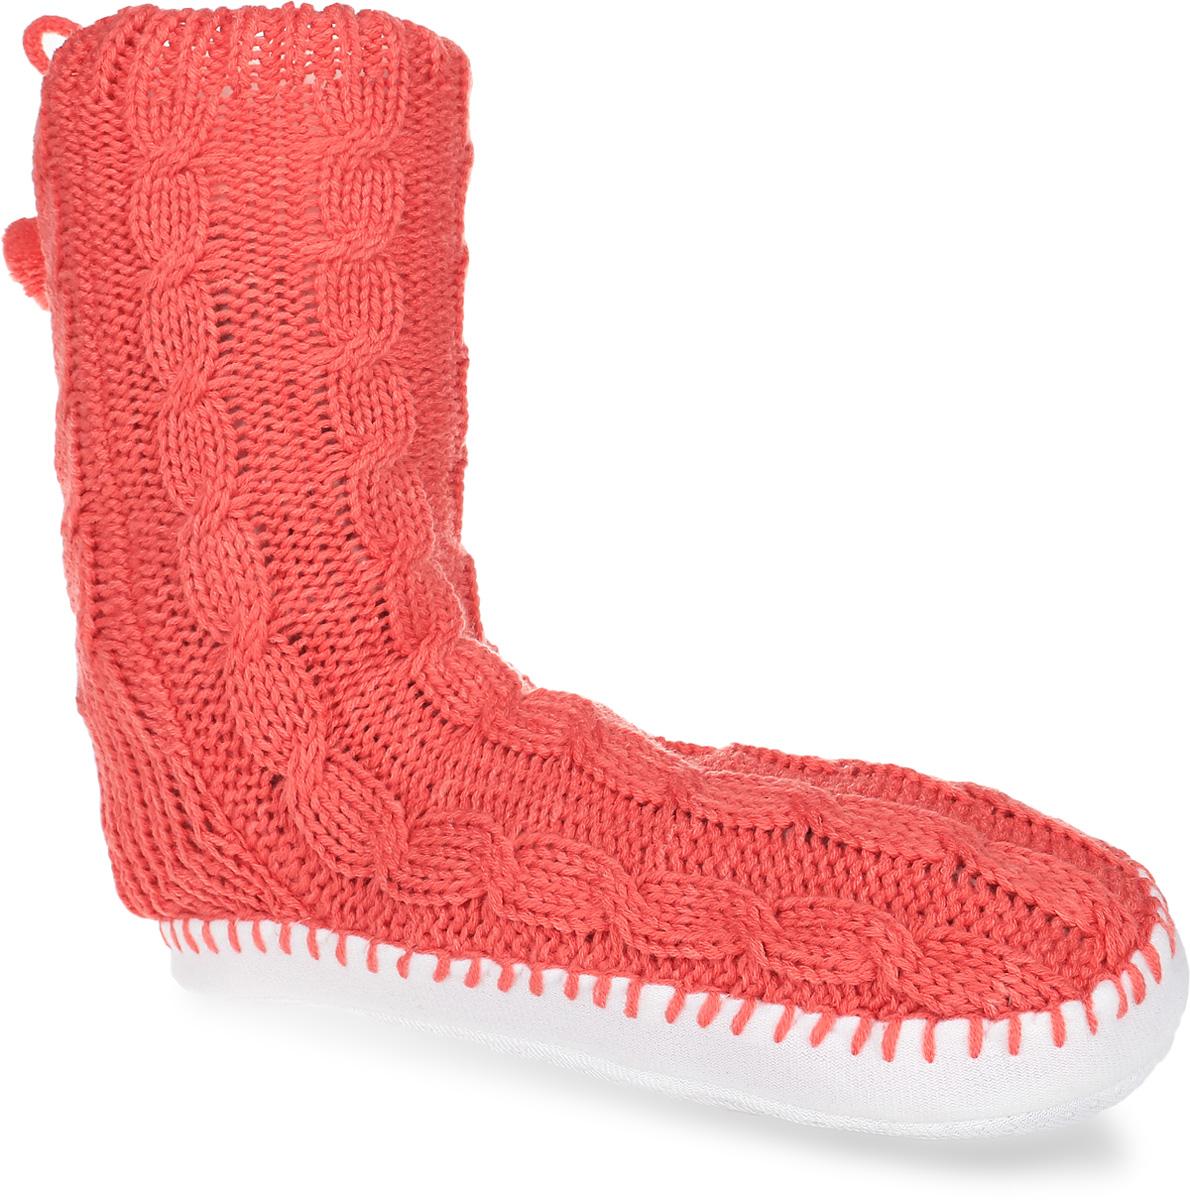 H30Женские вязанные тапки-носки Burlesco не дадут вашим ногам замерзнуть. Модель выполнена из мягкого текстиля и оформлена оригинальным узором и украшена небольшим бантиком с помпонами. Плотная подошва дополнена силиконовыми вставками против скольжения. Тапки обеспечат прогрев ног сухим теплом, защитят от воздействия холода и сквозняков, и снимут усталость ног. Легкие и мягкие тапки подарят чувство уюта и комфорта.